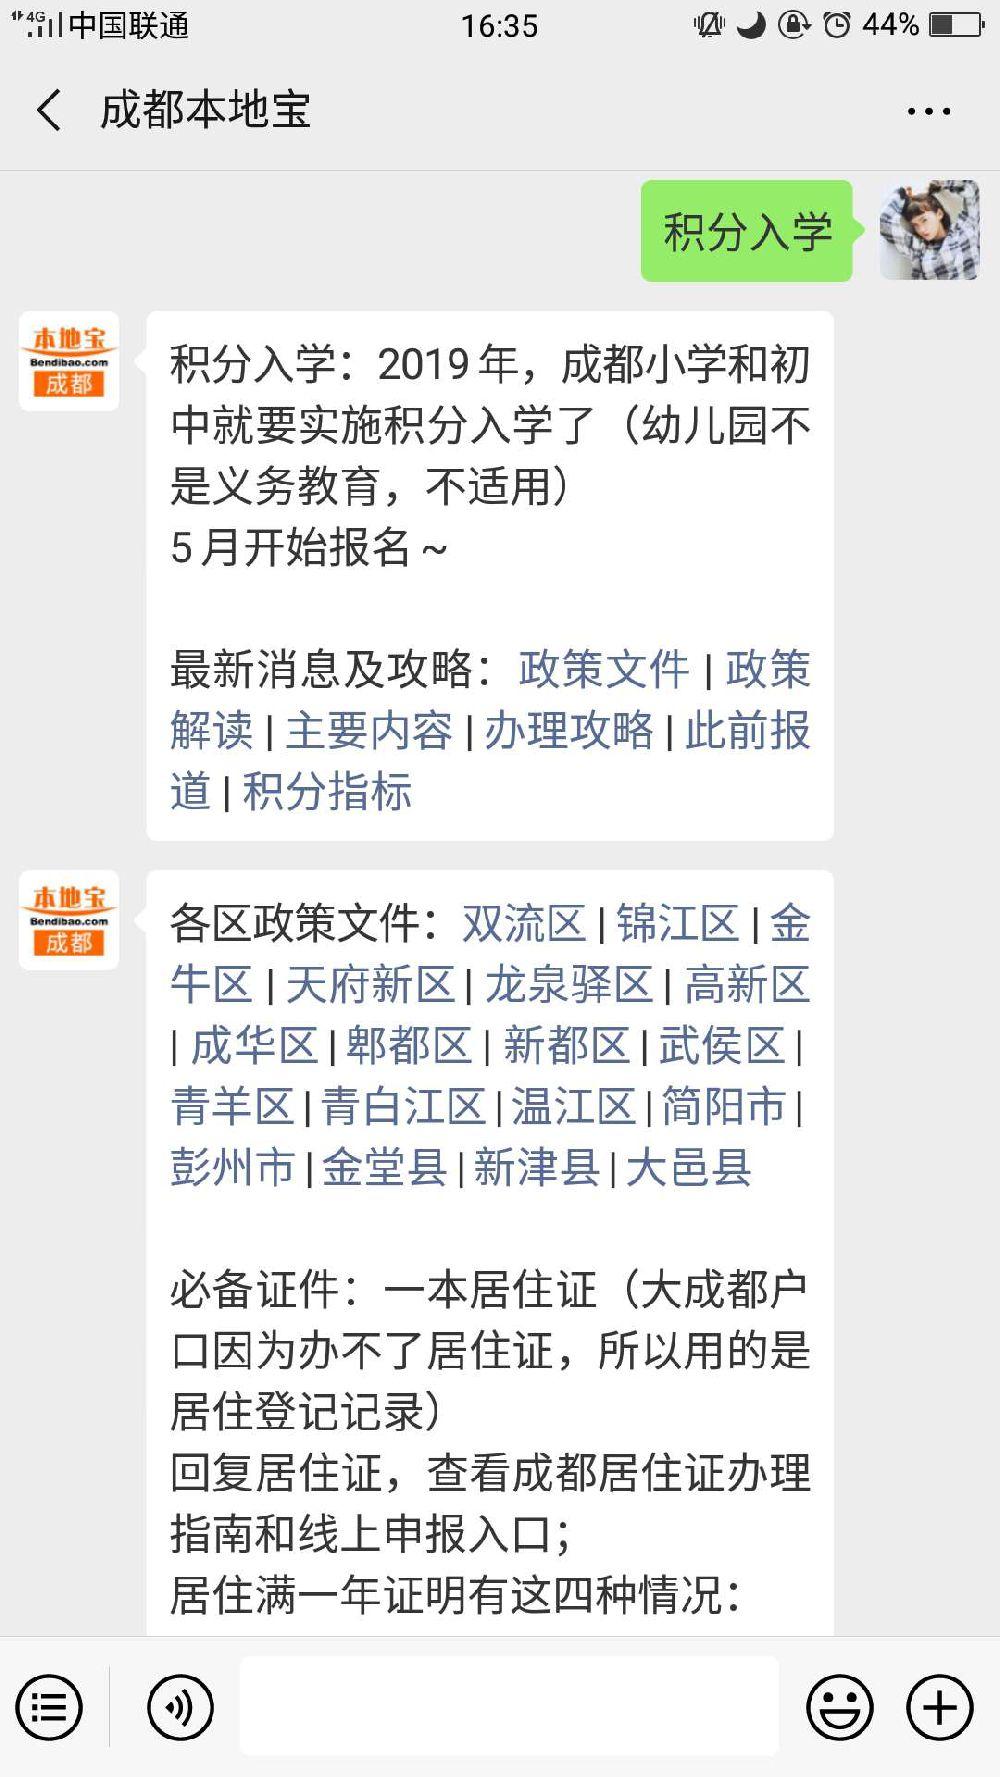 成都锦江区积分入学要求单位社保吗?